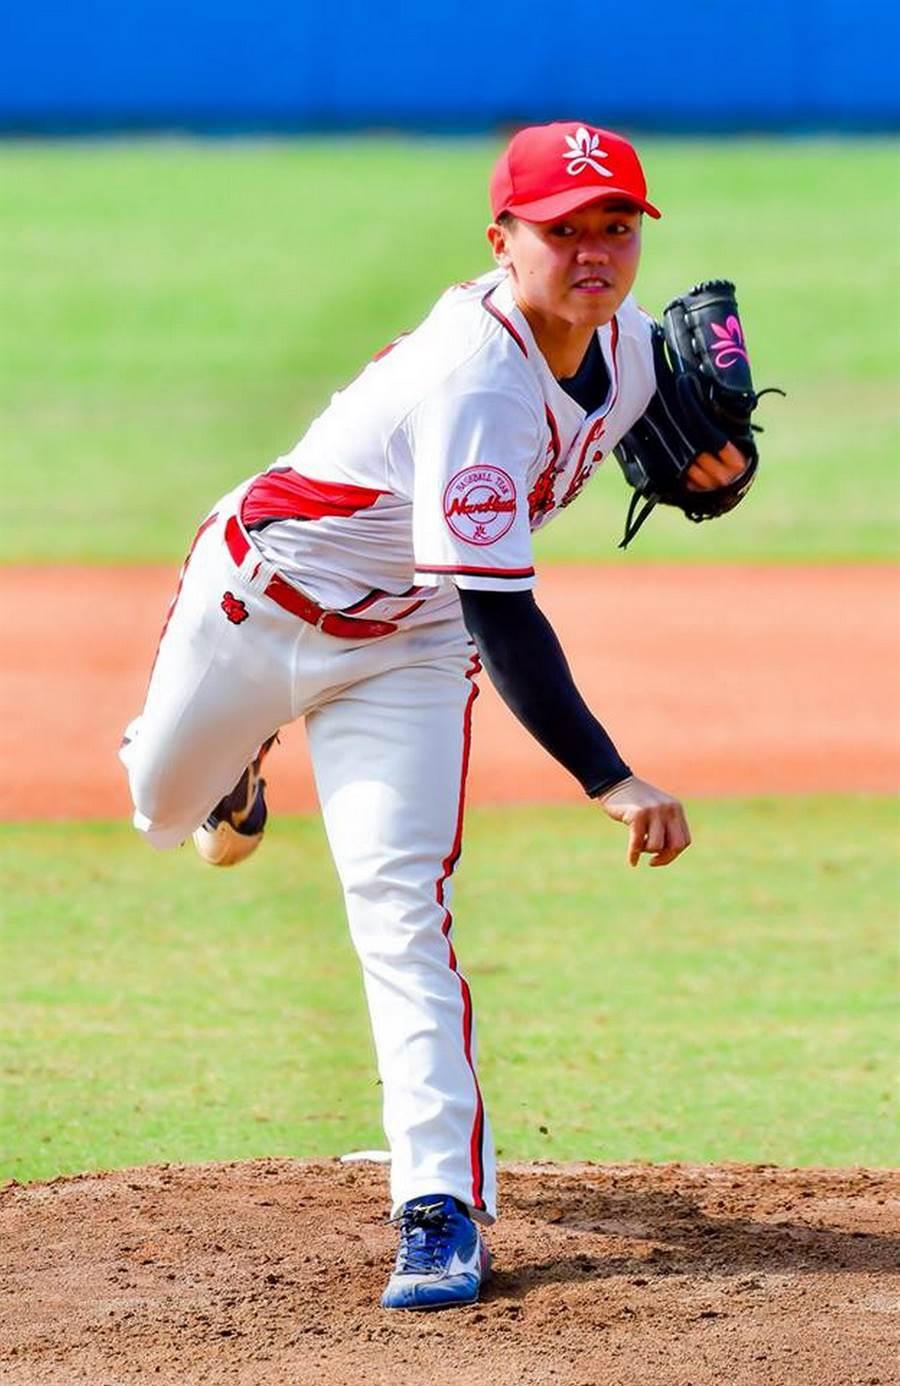 中华职棒选秀, 南华棒球队大满贯六位入选味全龙,图为旅游系三年级投手黄东淯。